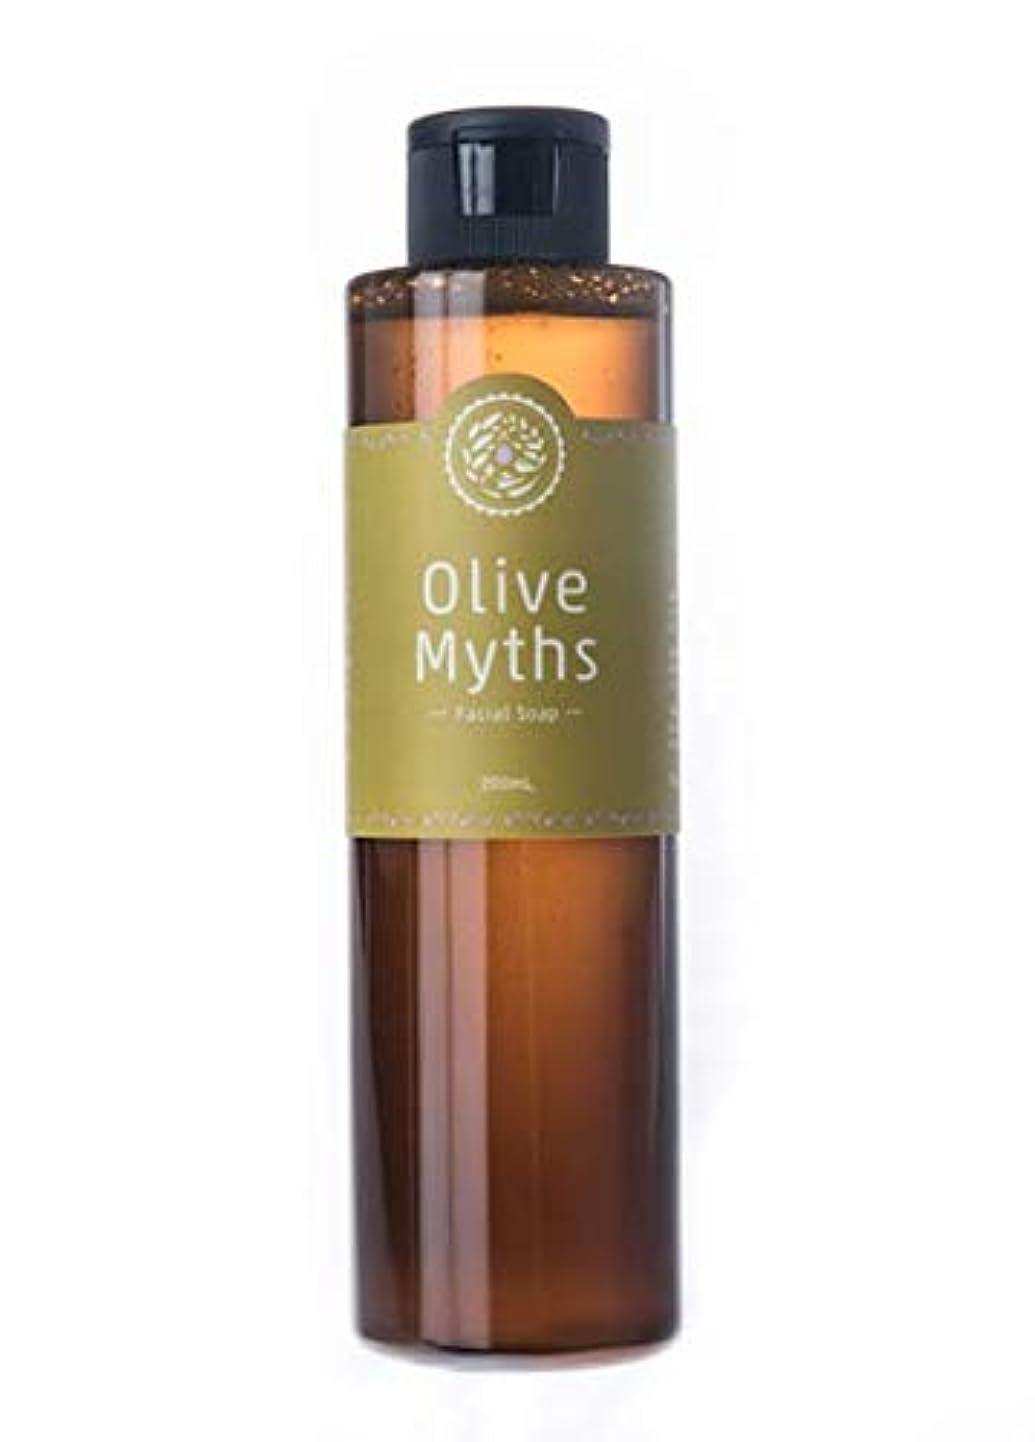 厚い強風シャトルmaestria. OliveMyths 『Olive Myths フェイシャルソープ』200ml MJOM-002